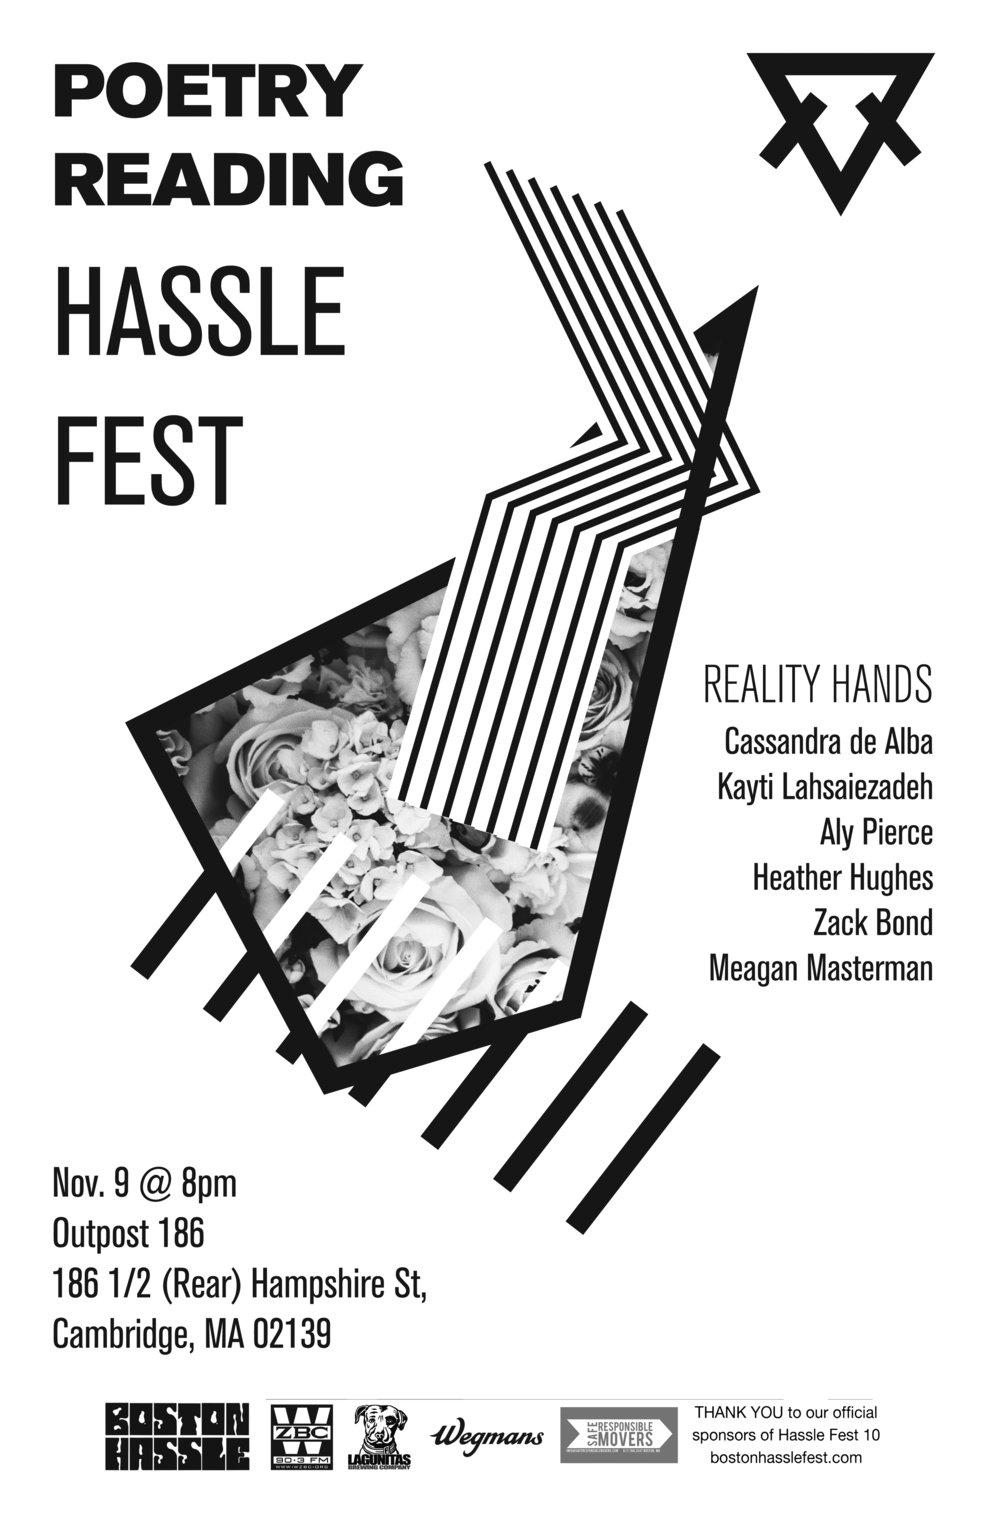 HassleFest_Poetry.jpg